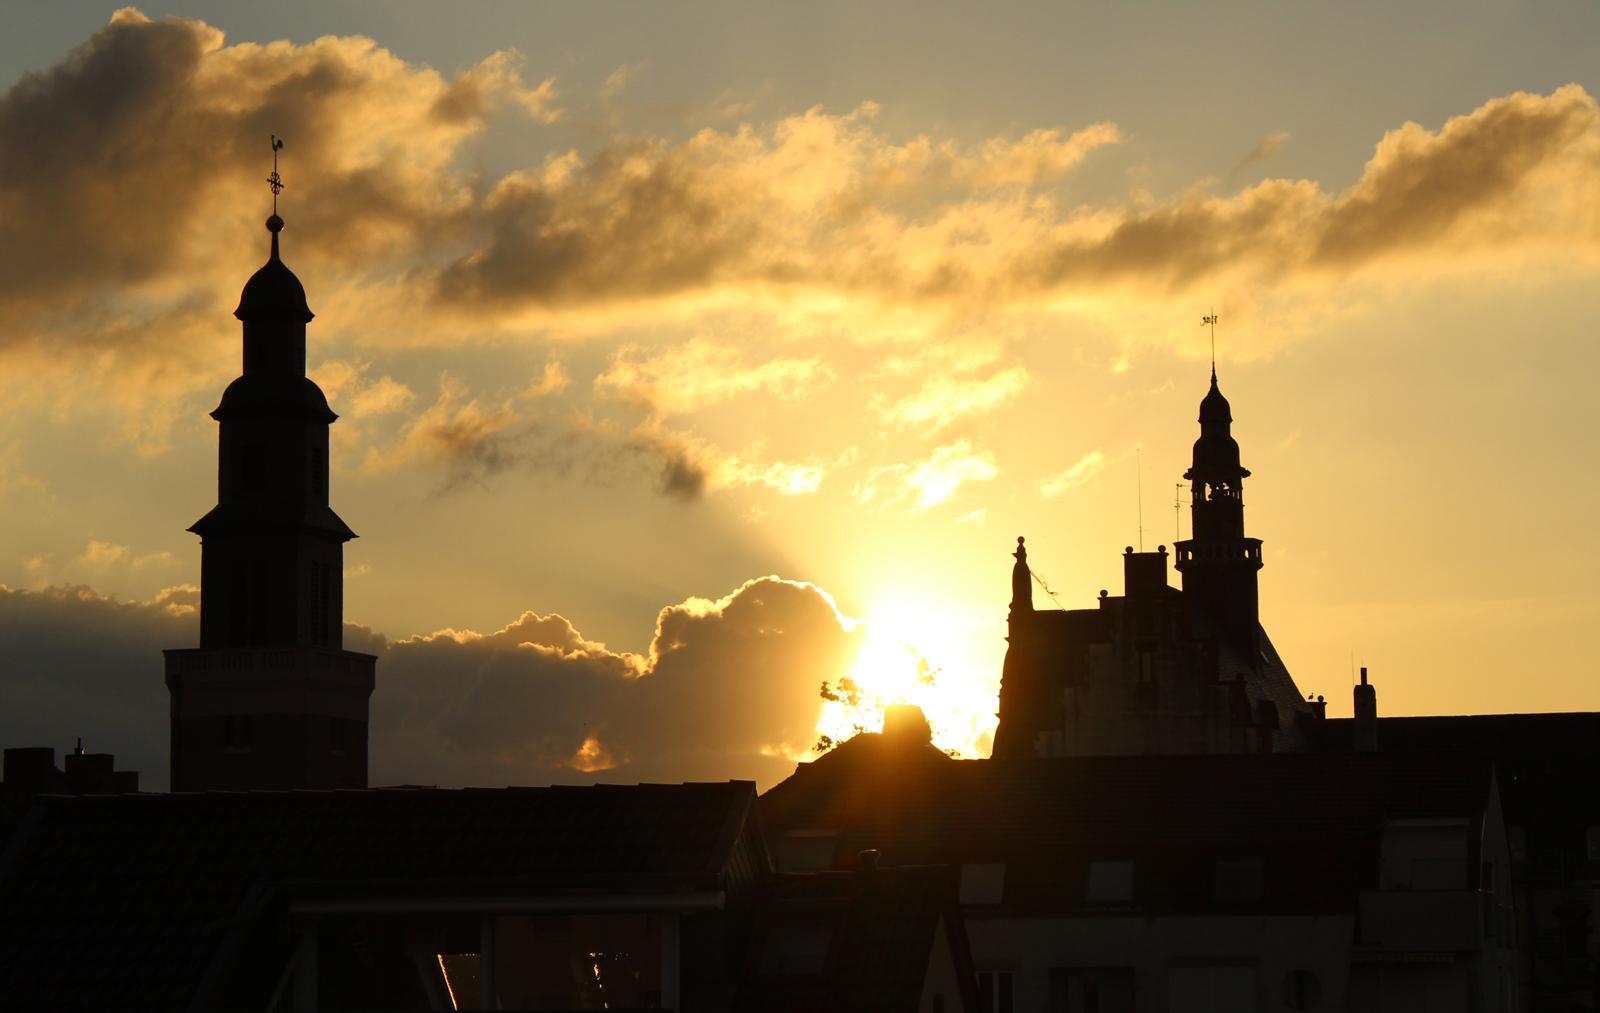 Morgends um 6 Uhr in Frankfurt Fechenheim =)